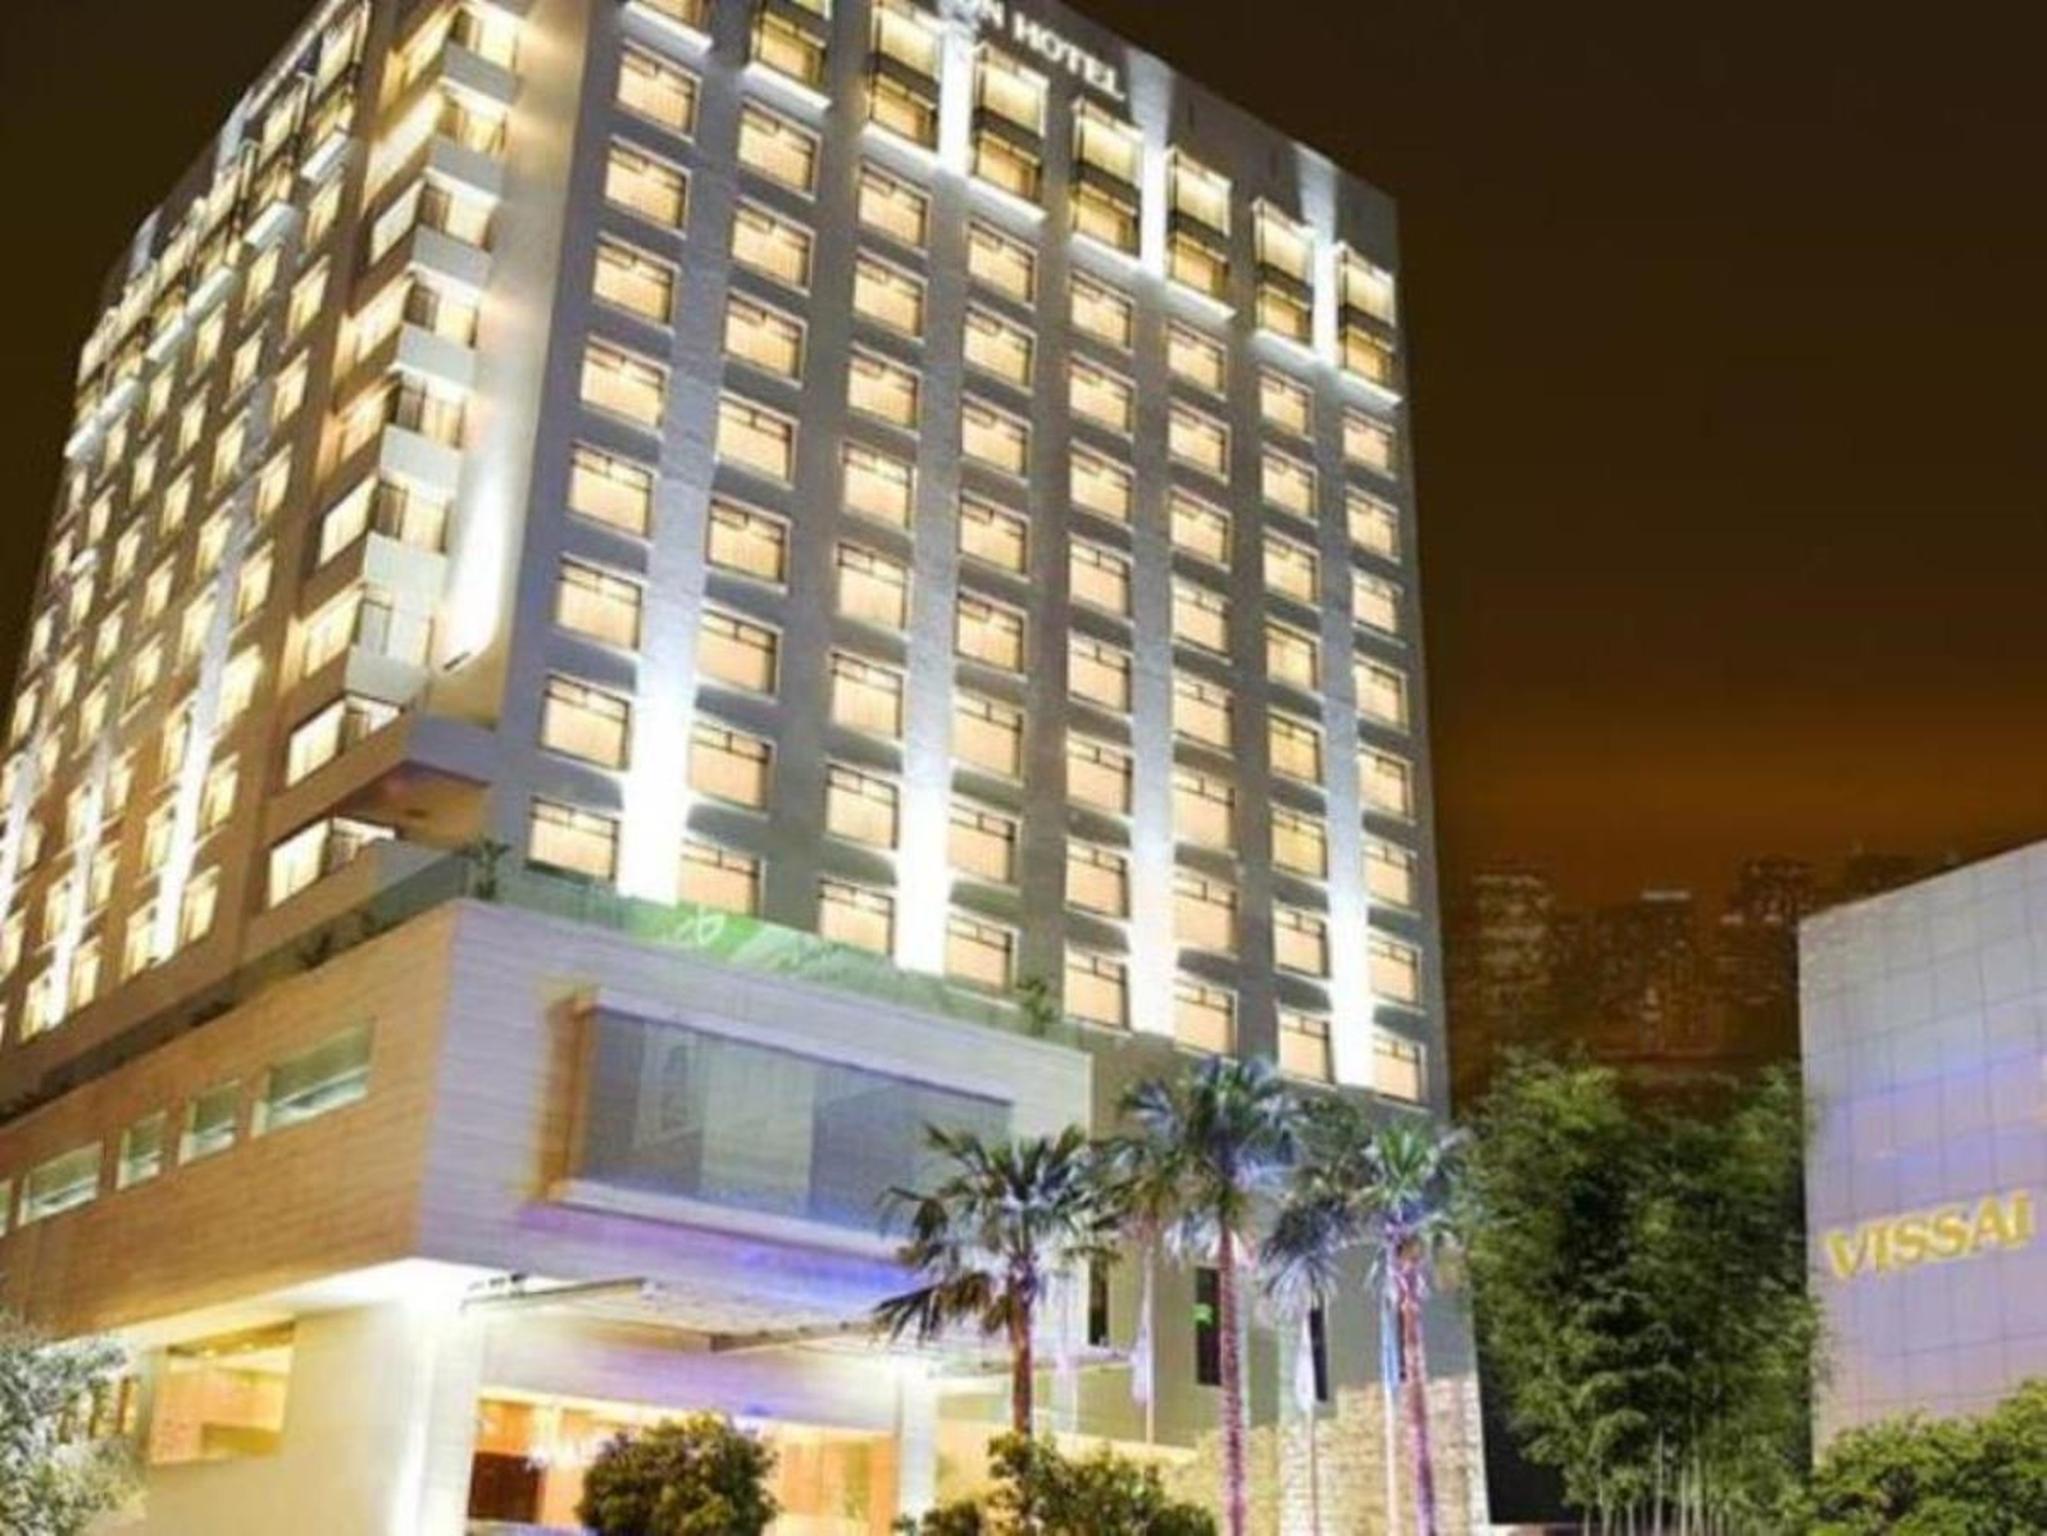 Khách Sạn Vissai Sài Gòn (Starcity)